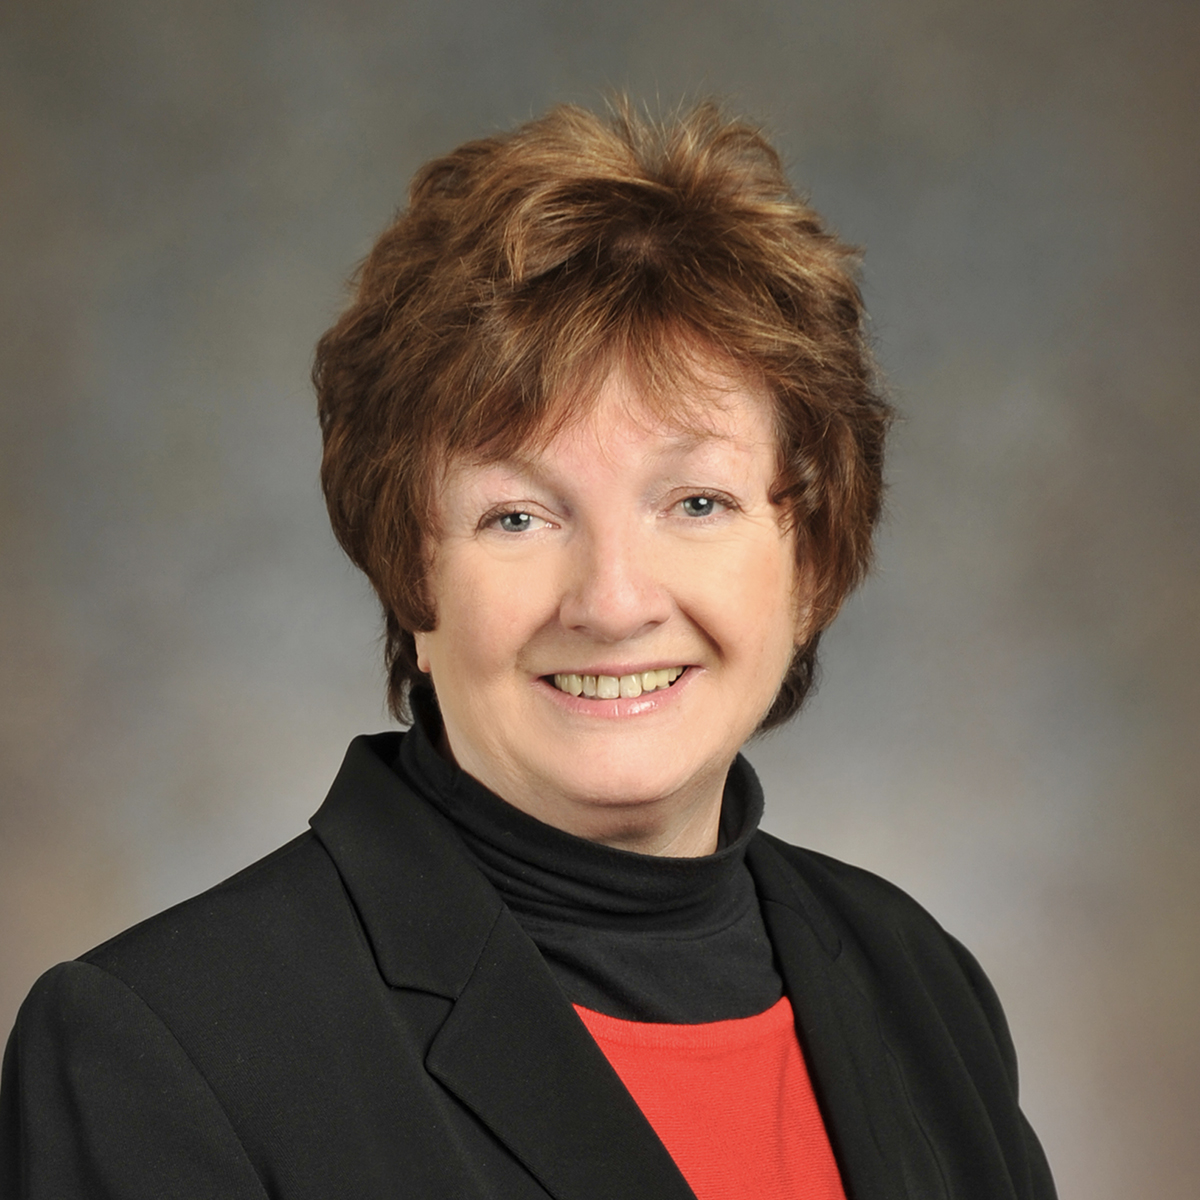 Cathy Ann Hamilton